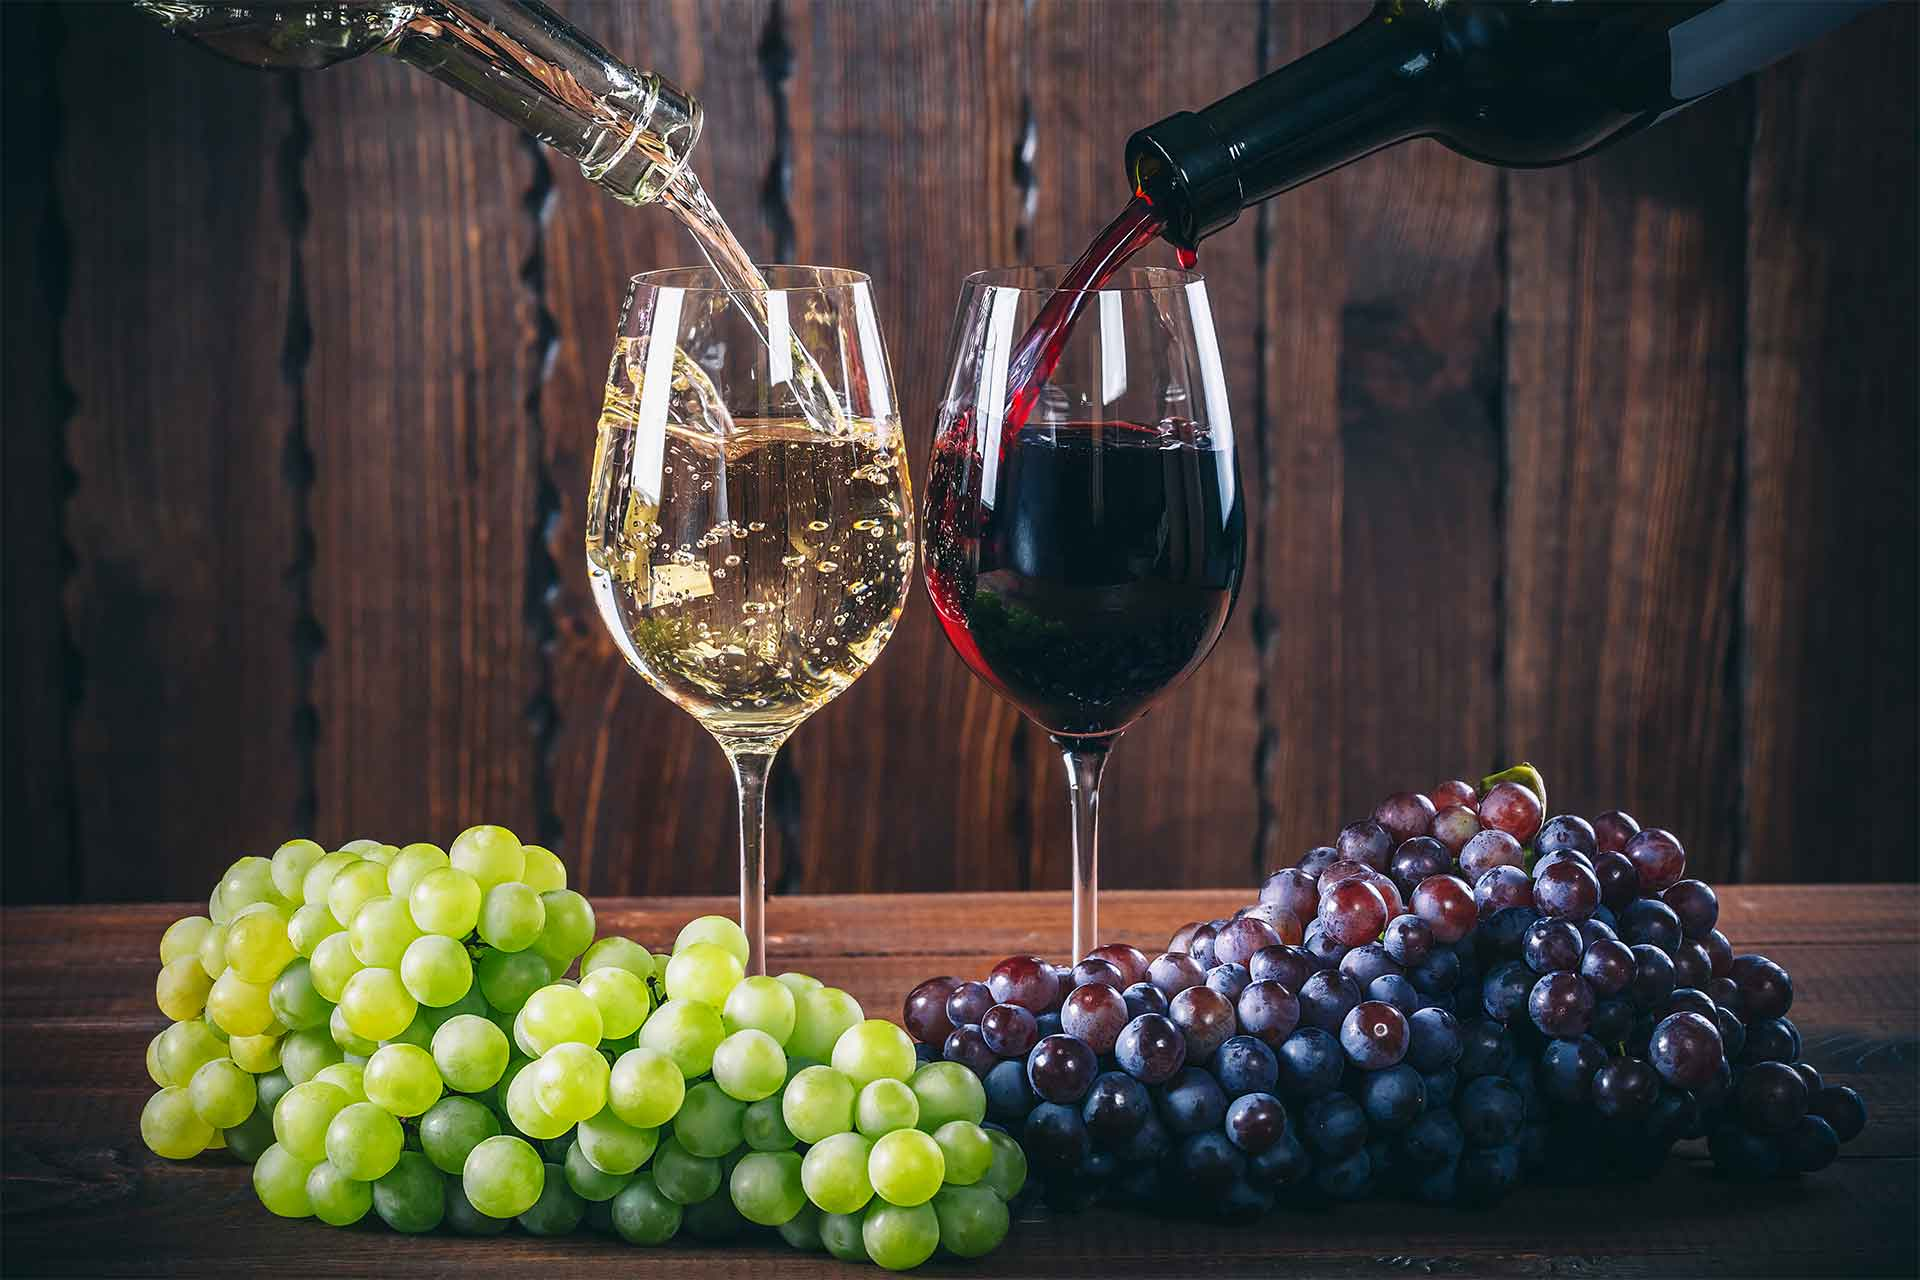 Il vino greco: un viaggio sensoriale alla scoperta dei colori e degli aromi della terra ellenica